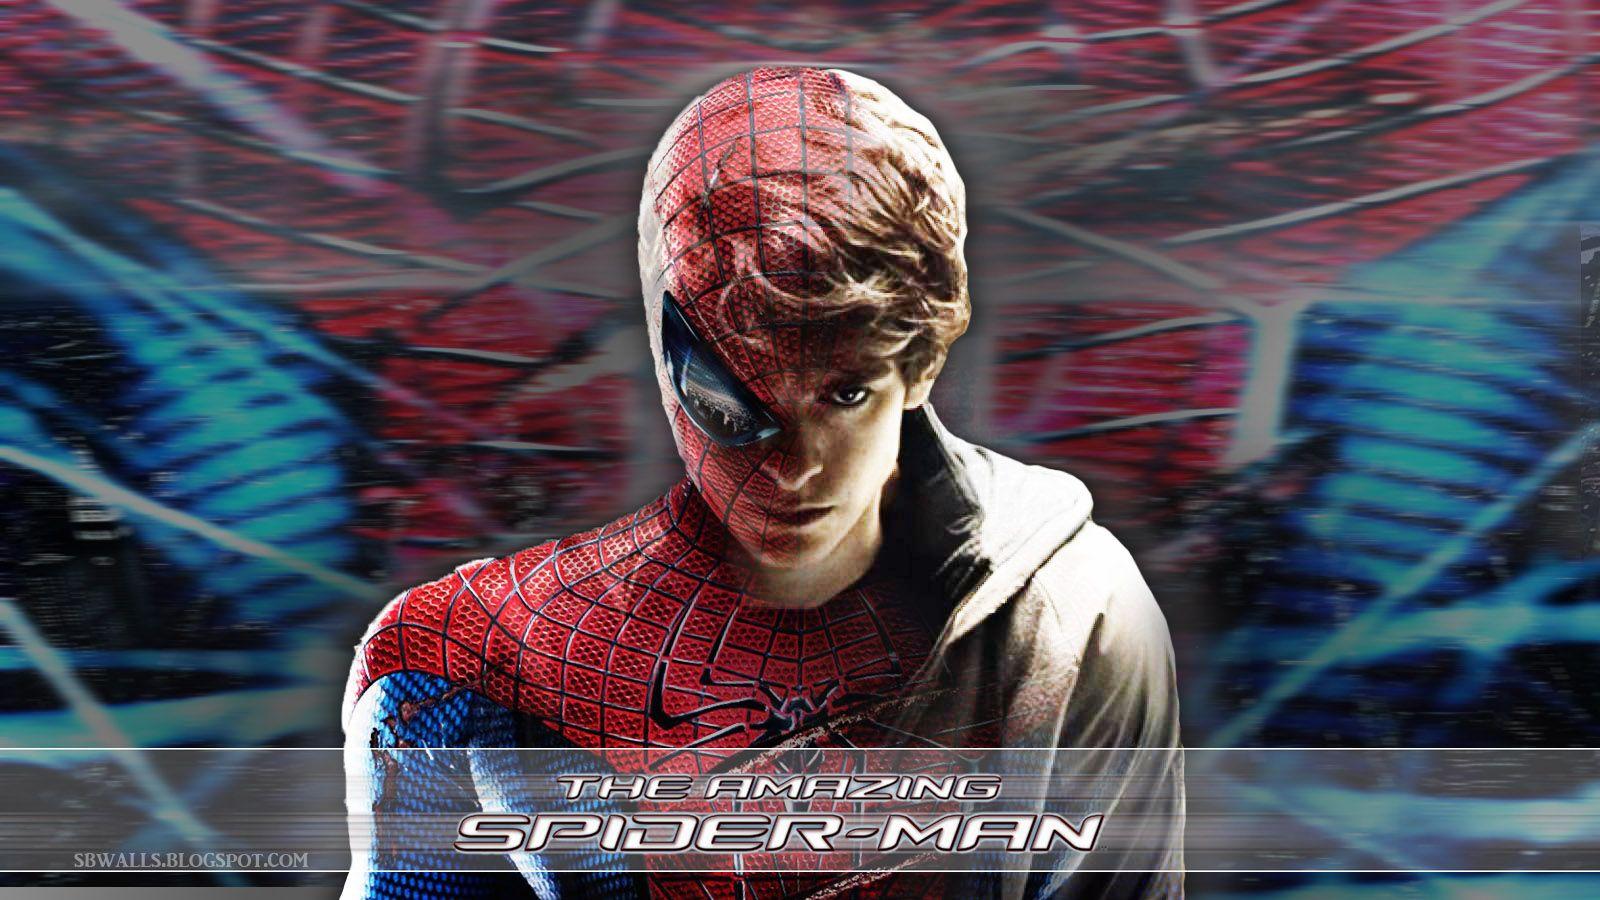 The Amazing Spider Man 2012 Wallpaper Spiderman Wallpaper Amazing Spiderman Movie Amazing Spiderman Amazing Spider Man 3